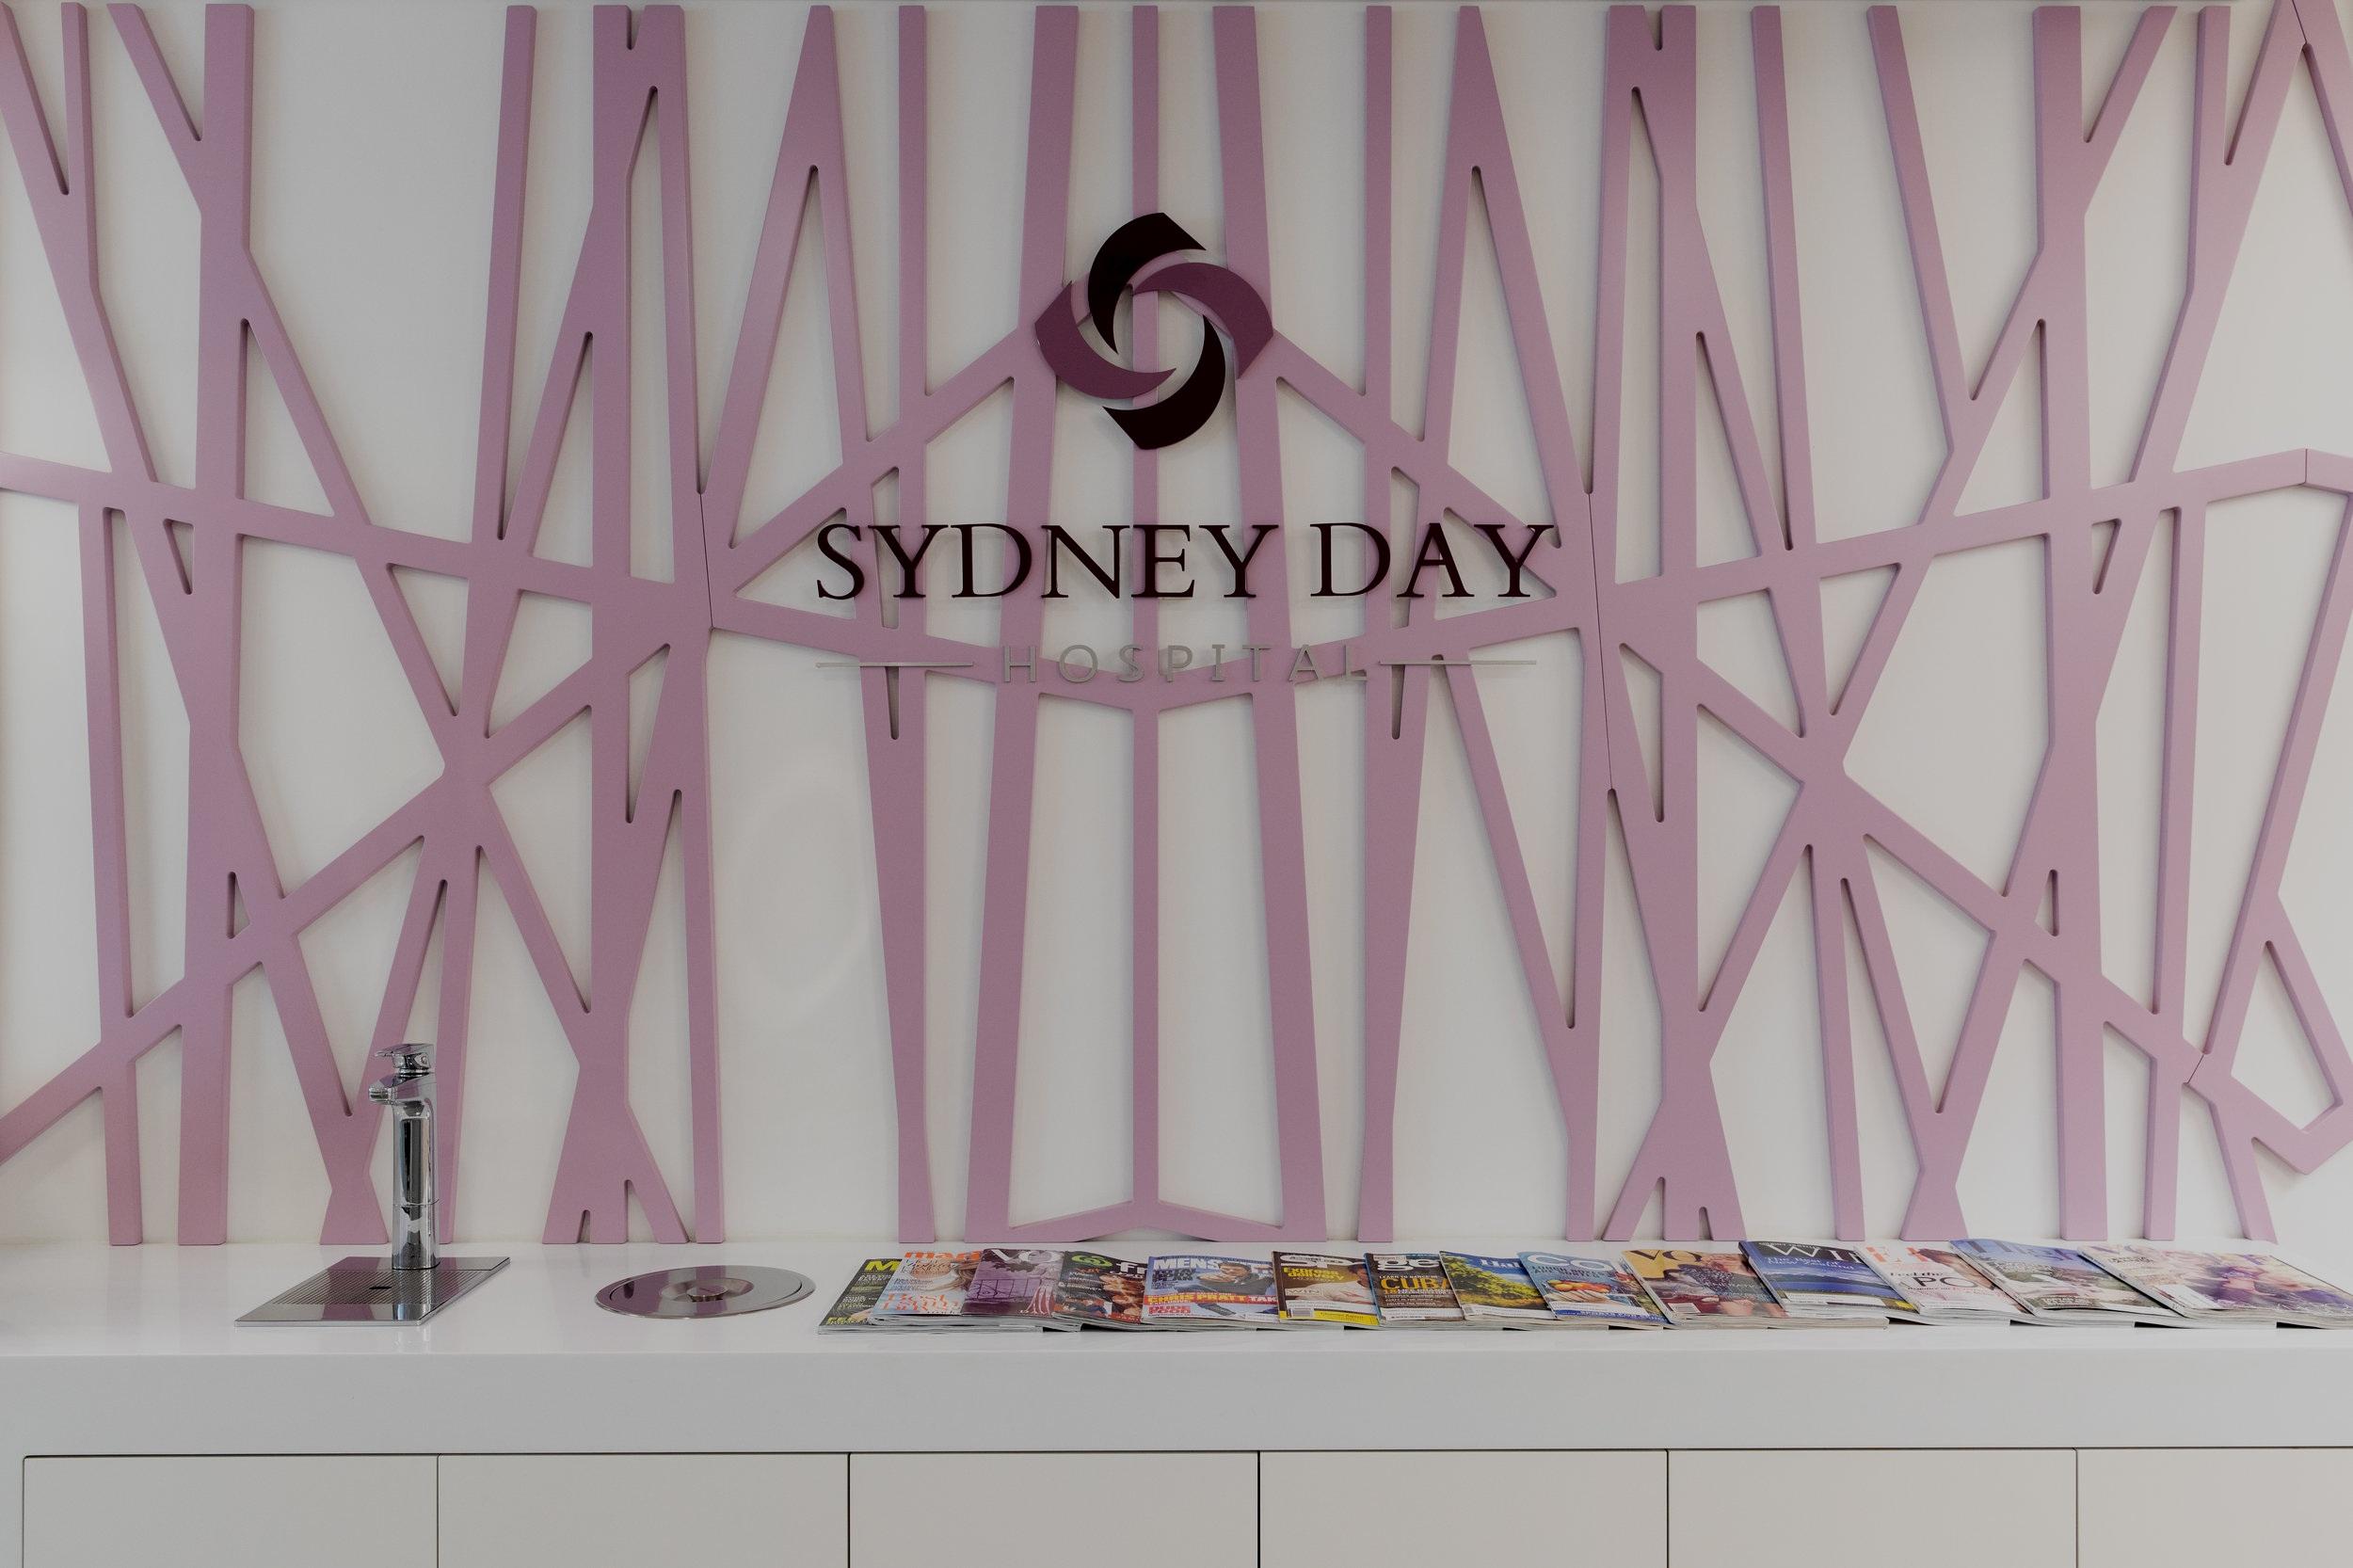 Sydney Day Hospital Website Design & Development - www.sydneydayhospital.com.au